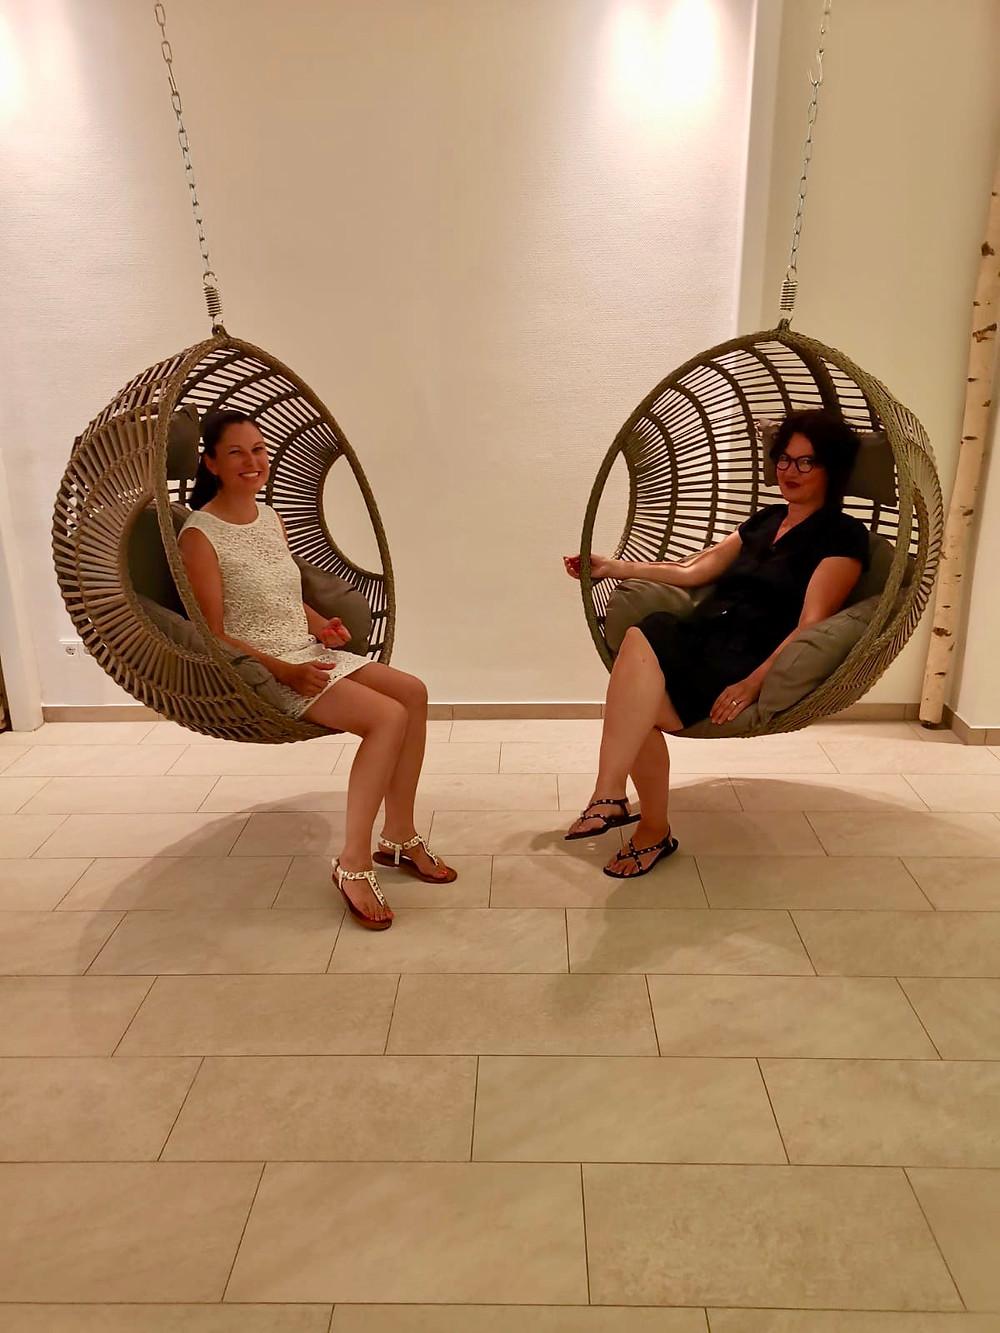 Wir testen die neuen Relaxschaukeln im Restaurant Engel (Vimbuch)